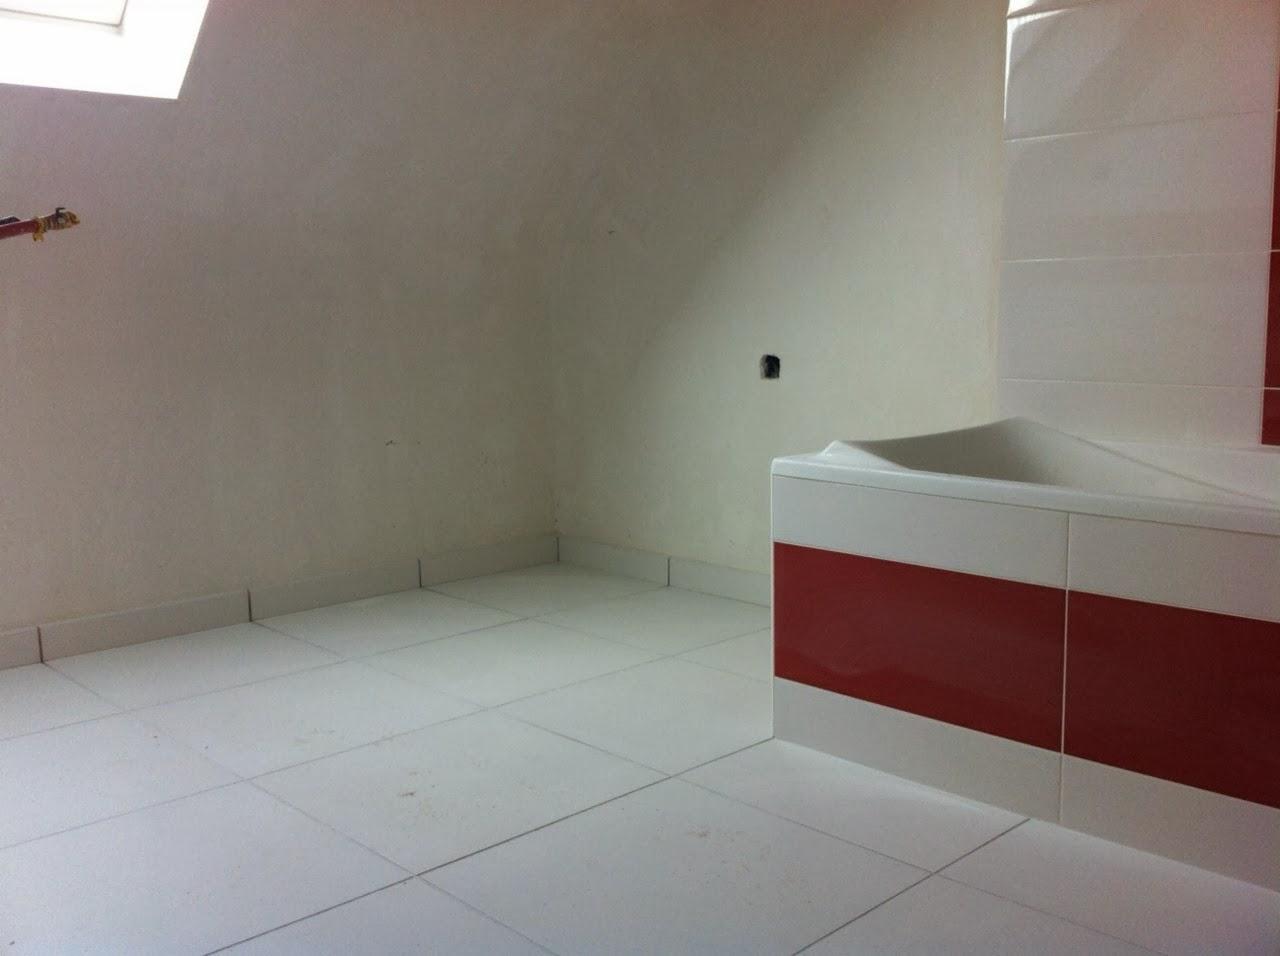 Salle De Bain Du Futur ~ notre future maison plougonvelin la salle de bain de l tage